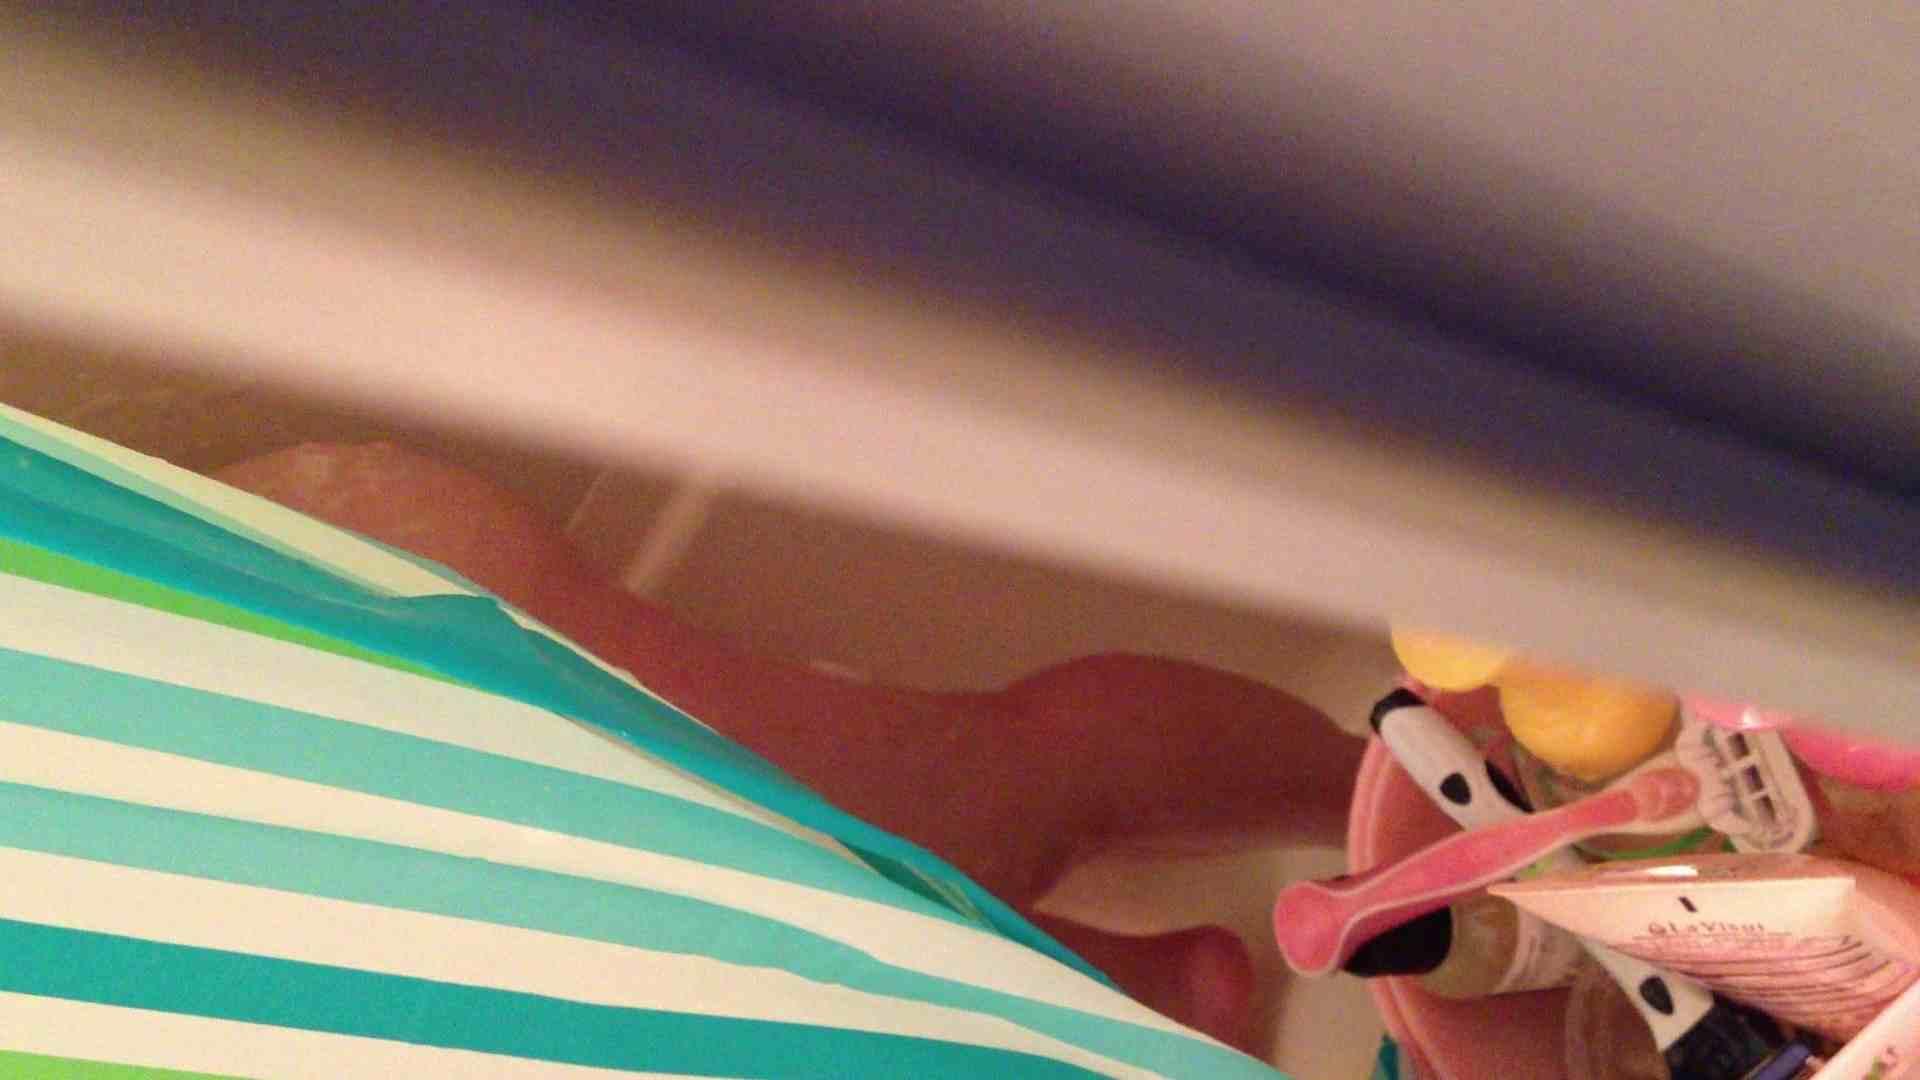 16(16日目)シャワー中にムダ毛処理をする彼女 パイパン  94pic 33